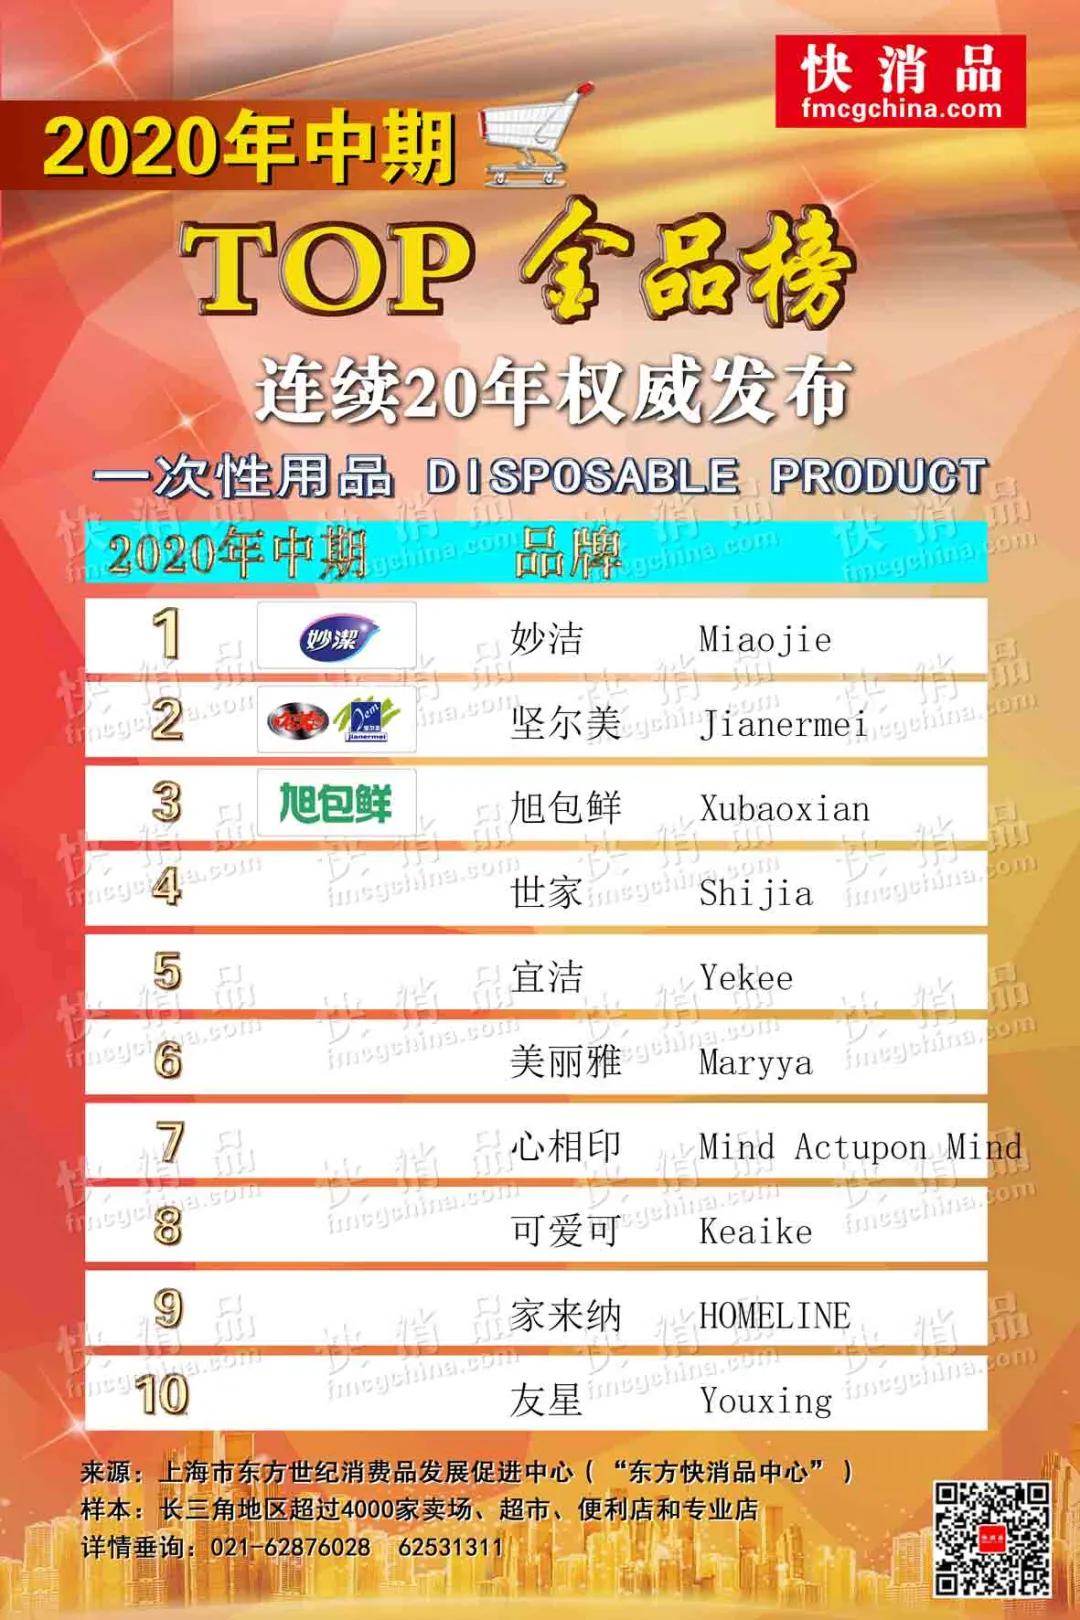 「独家」2020中期线下TOP金品榜——日用品类(之三)公布